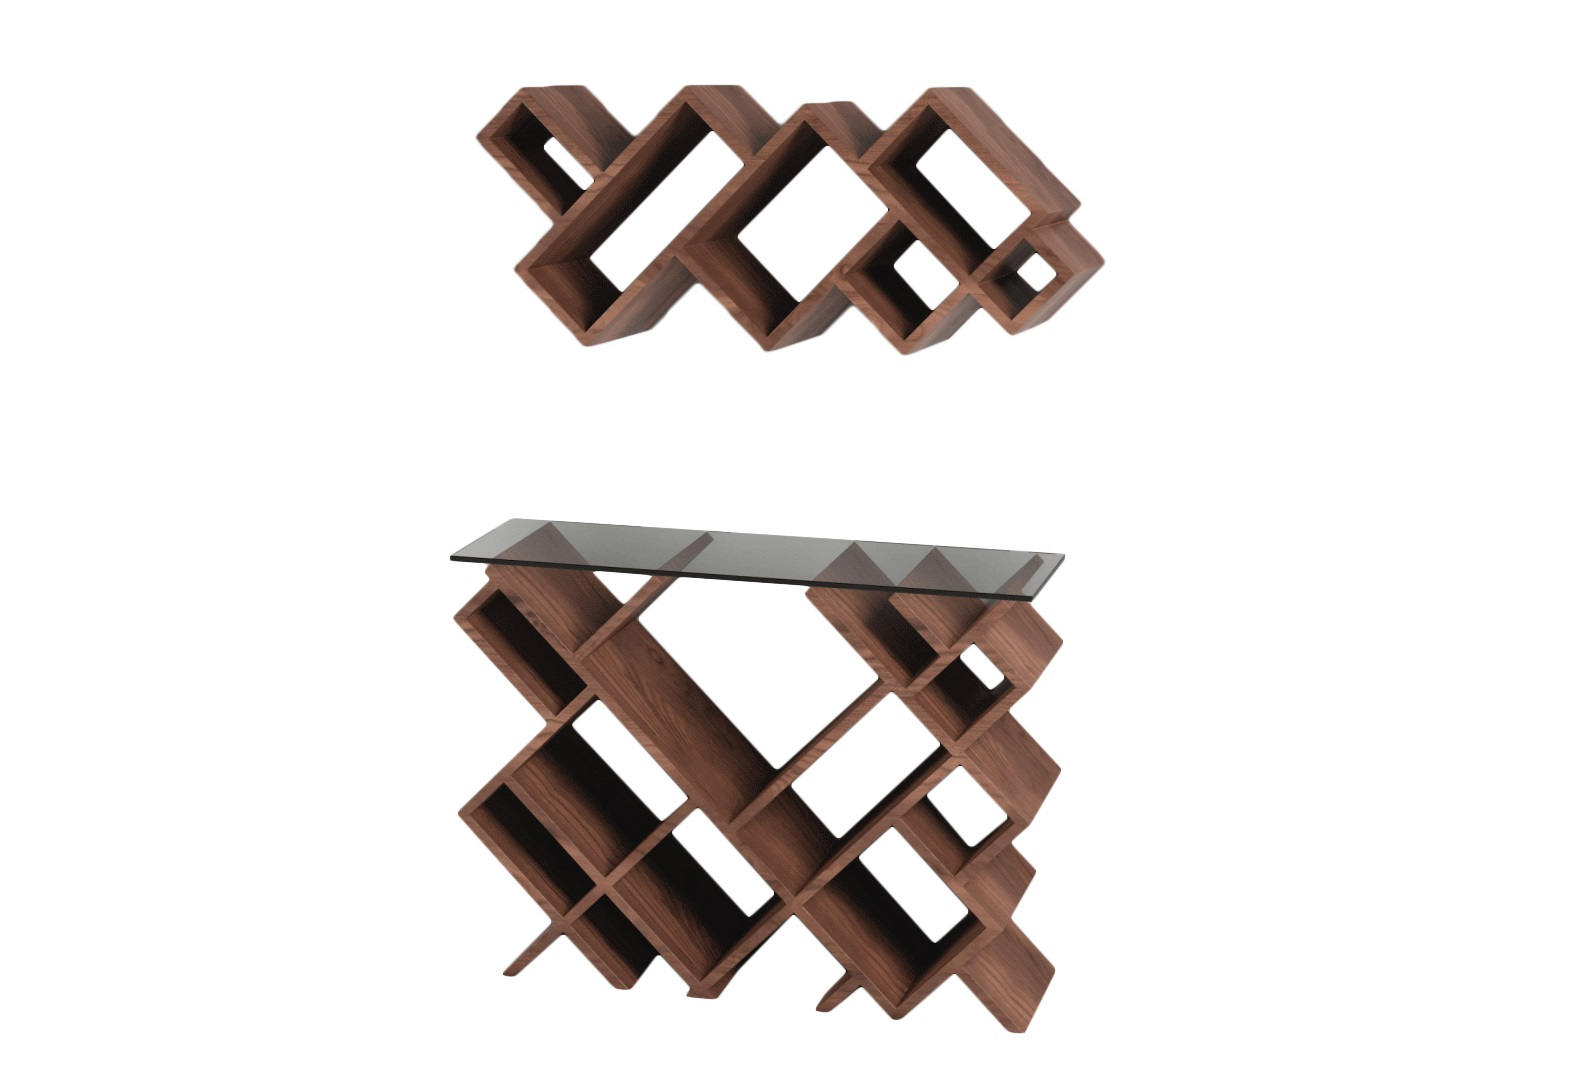 Комплект ГеометрияНеглубокие консоли<br>Необычные, современные полка и столик преобразят ваш интерьер!&amp;amp;nbsp;&amp;lt;div&amp;gt;&amp;lt;br&amp;gt;&amp;lt;/div&amp;gt;&amp;lt;div&amp;gt;Материал: МДФ, шпон&amp;amp;nbsp;&amp;lt;/div&amp;gt;&amp;lt;div&amp;gt;Размеры:&amp;amp;nbsp;&amp;lt;/div&amp;gt;&amp;lt;div&amp;gt;верхняя часть - 85x 37x 24см&amp;amp;nbsp;&amp;lt;/div&amp;gt;&amp;lt;div&amp;gt;Ннижняя часть - 85x 67x 24см&amp;lt;br&amp;gt;&amp;lt;/div&amp;gt;<br><br>Material: МДФ<br>Ширина см: 67.0<br>Высота см: 85.0<br>Глубина см: 24.0